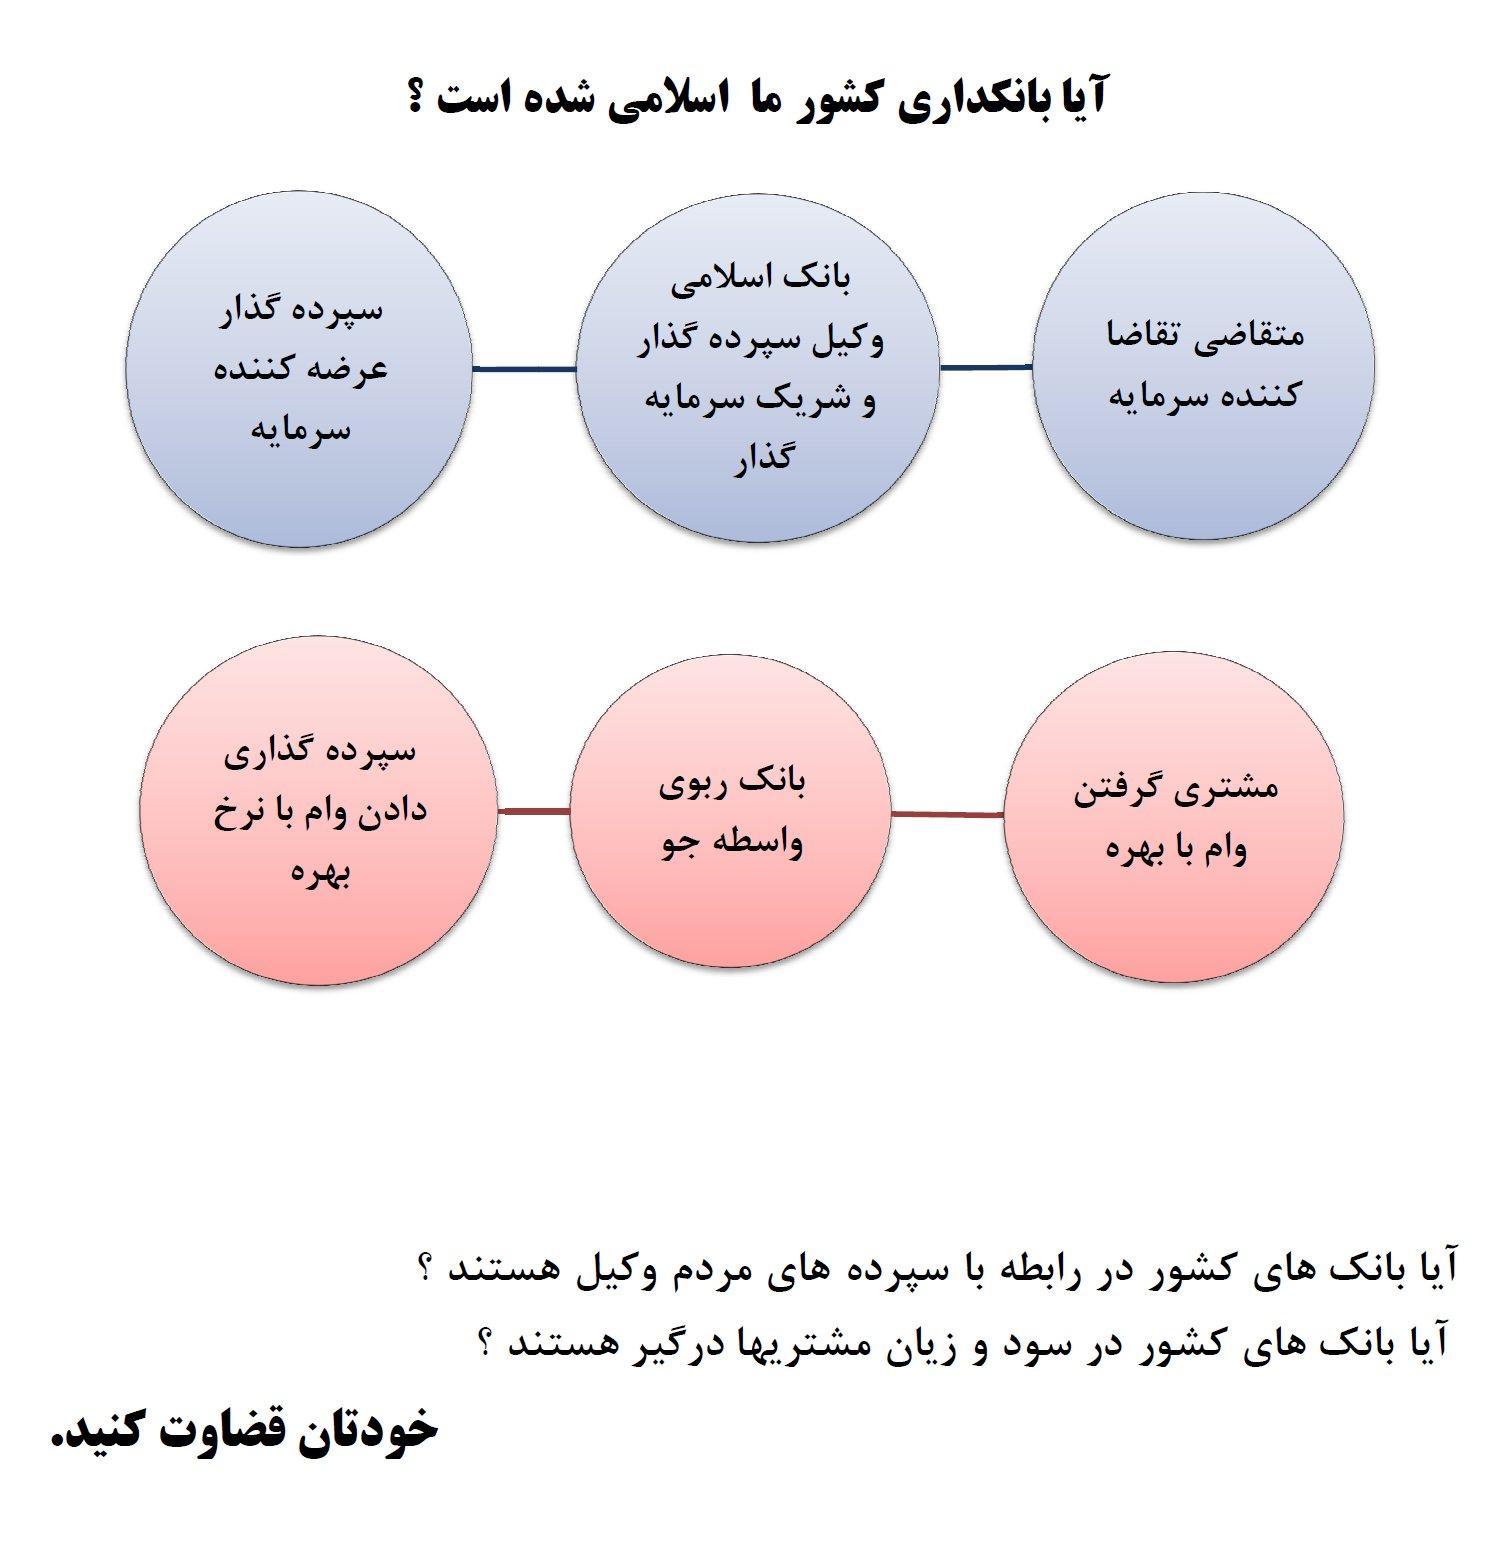 تصویر از آیا این روش اجرای عقود بانکی  اسلامی است؟